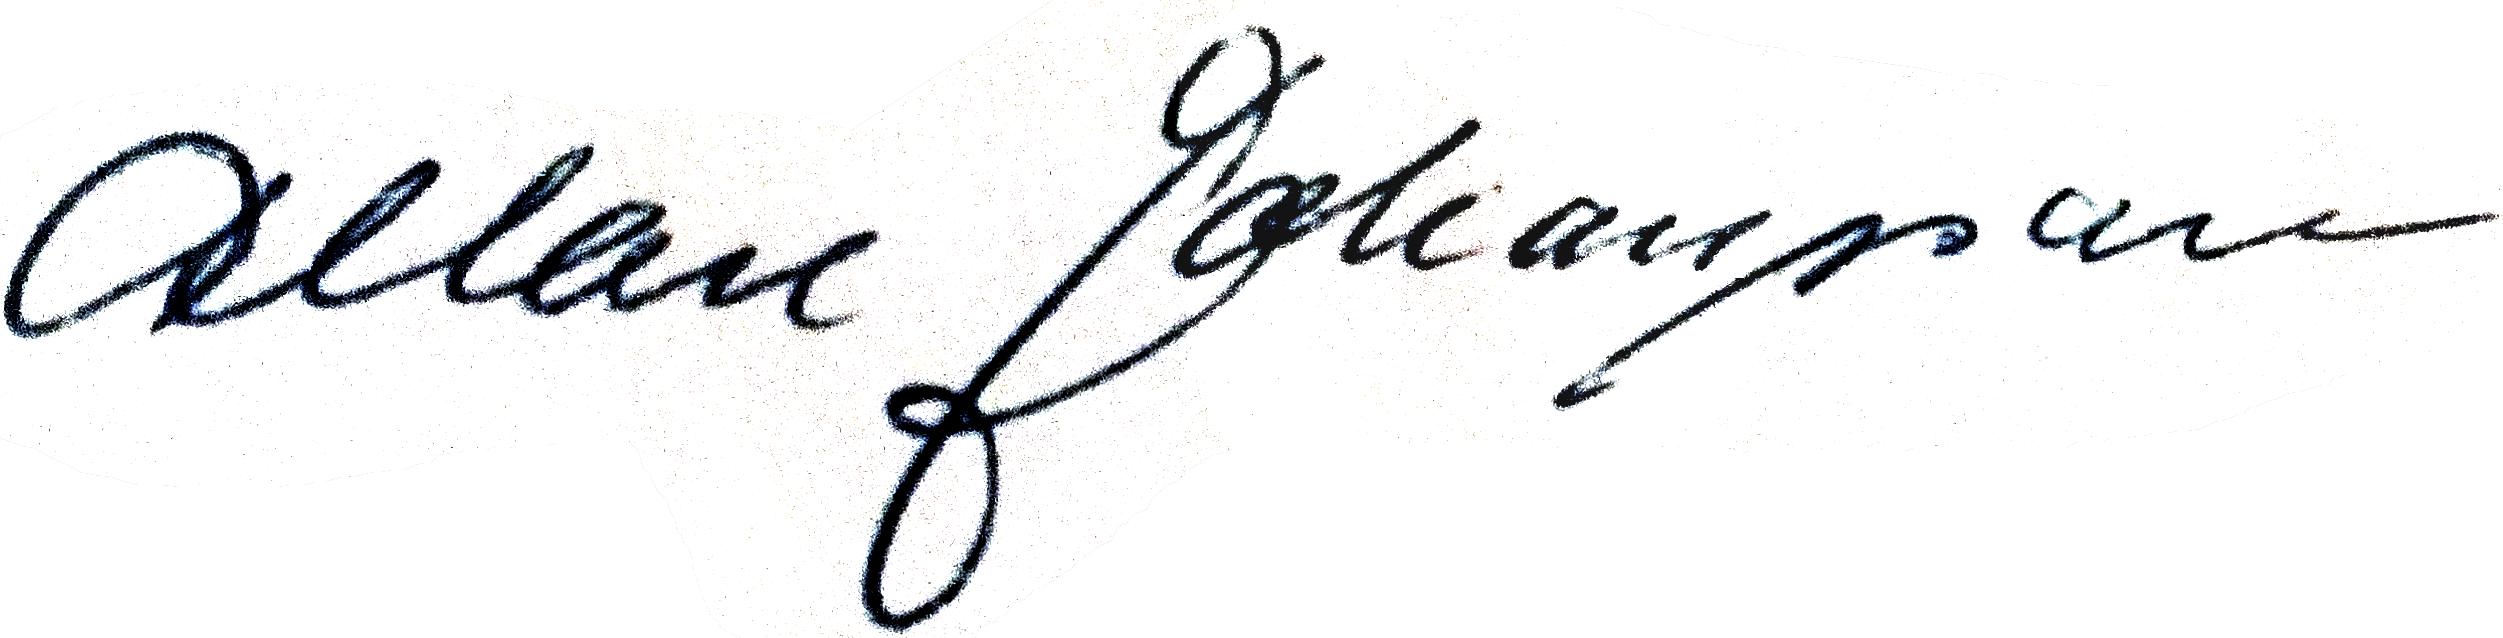 Allan Johansson, signatur